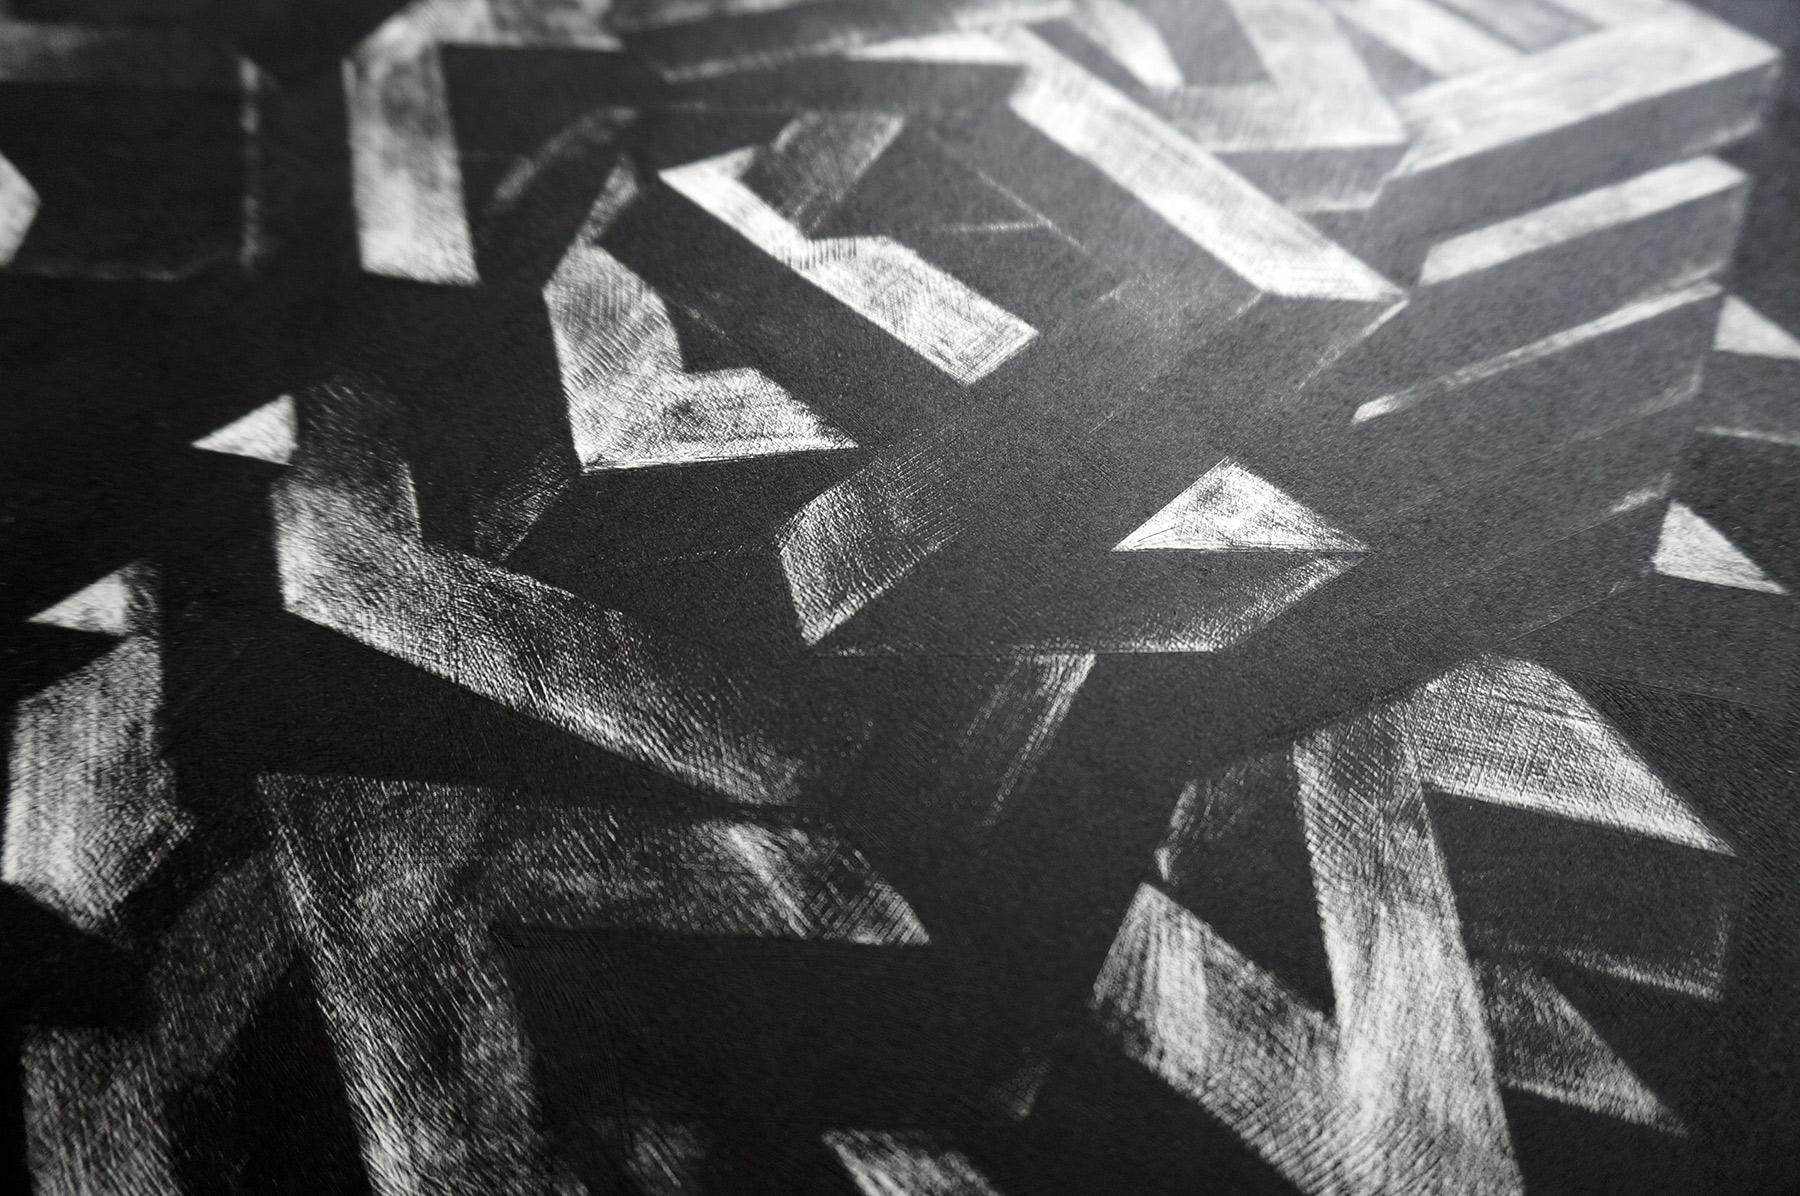 kunsttryk, engraveringer, abstrakte, grafiske, monokrome, mønstre, sorte, grå, hvide, blæk, papir, abstrakte-former, efterår, sort-hvide, dansk, dekorative, design, interiør, bolig-indretning, nordisk, skandinavisk, Køb original kunst og kunstplakater. Malerier, tegninger, limited edition kunsttryk & plakater af dygtige kunstnere.